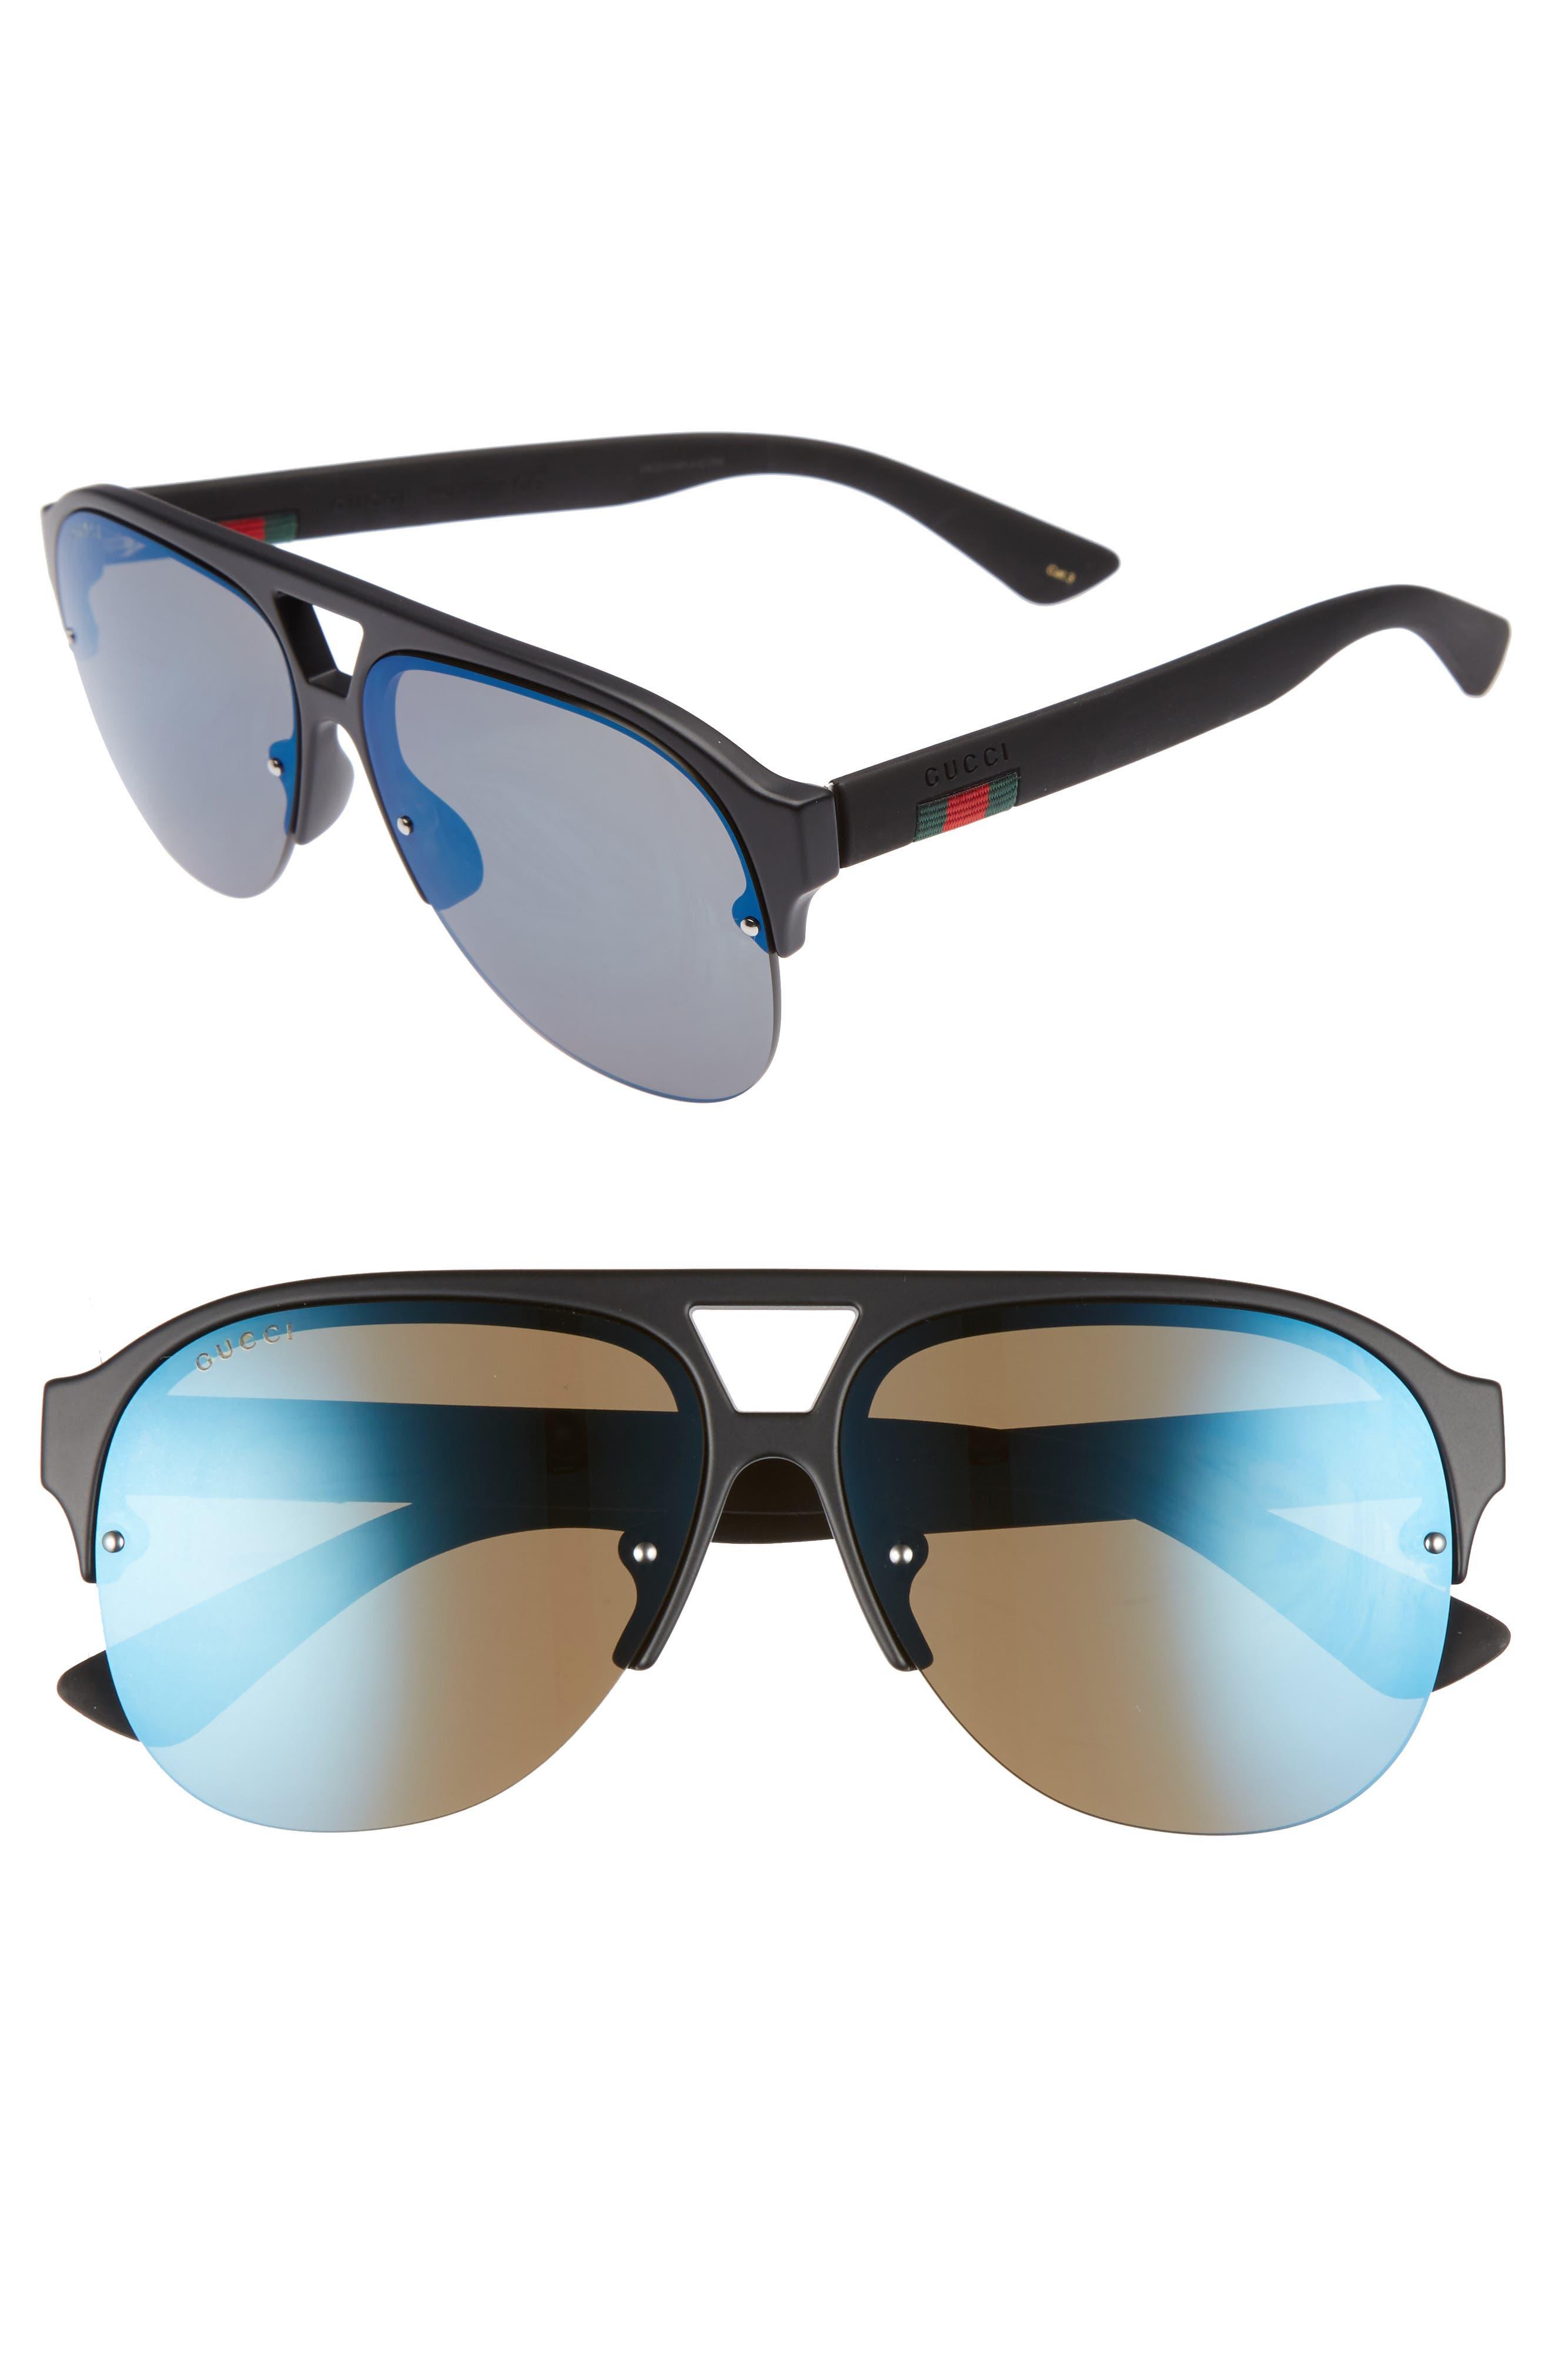 59mm Semi Rimless Sunglasses,                             Main thumbnail 1, color,                             MATTE BLACK